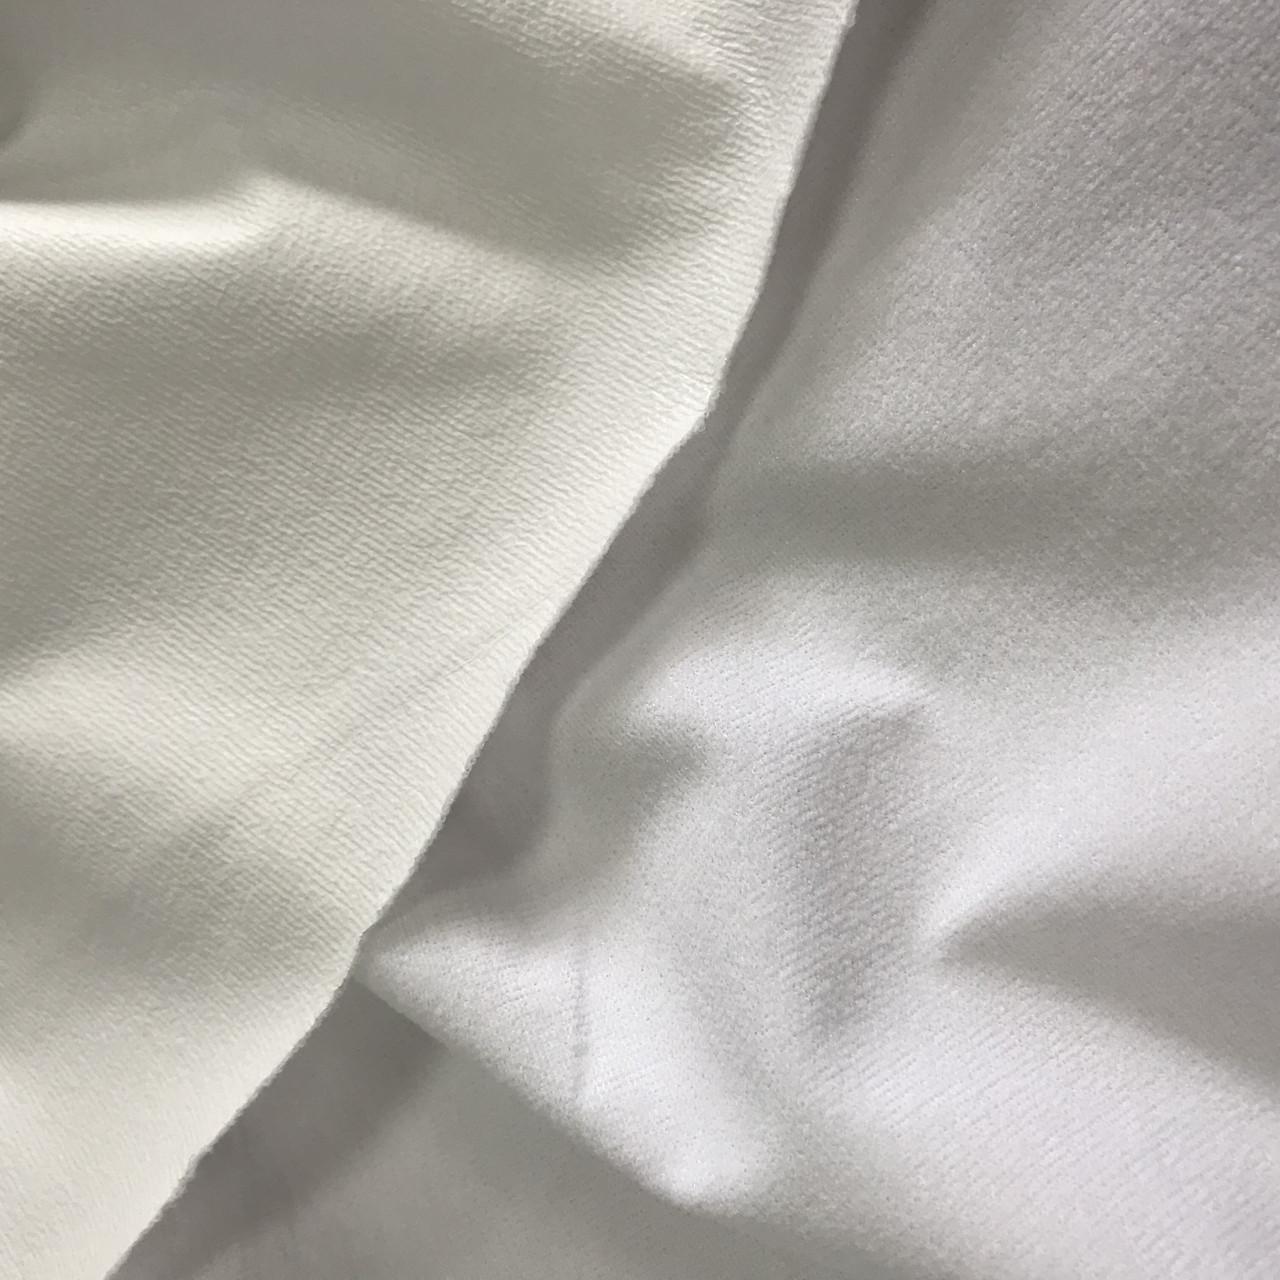 Ткань непромокаемая махра купить полисатин ткань купить в интернет магазине